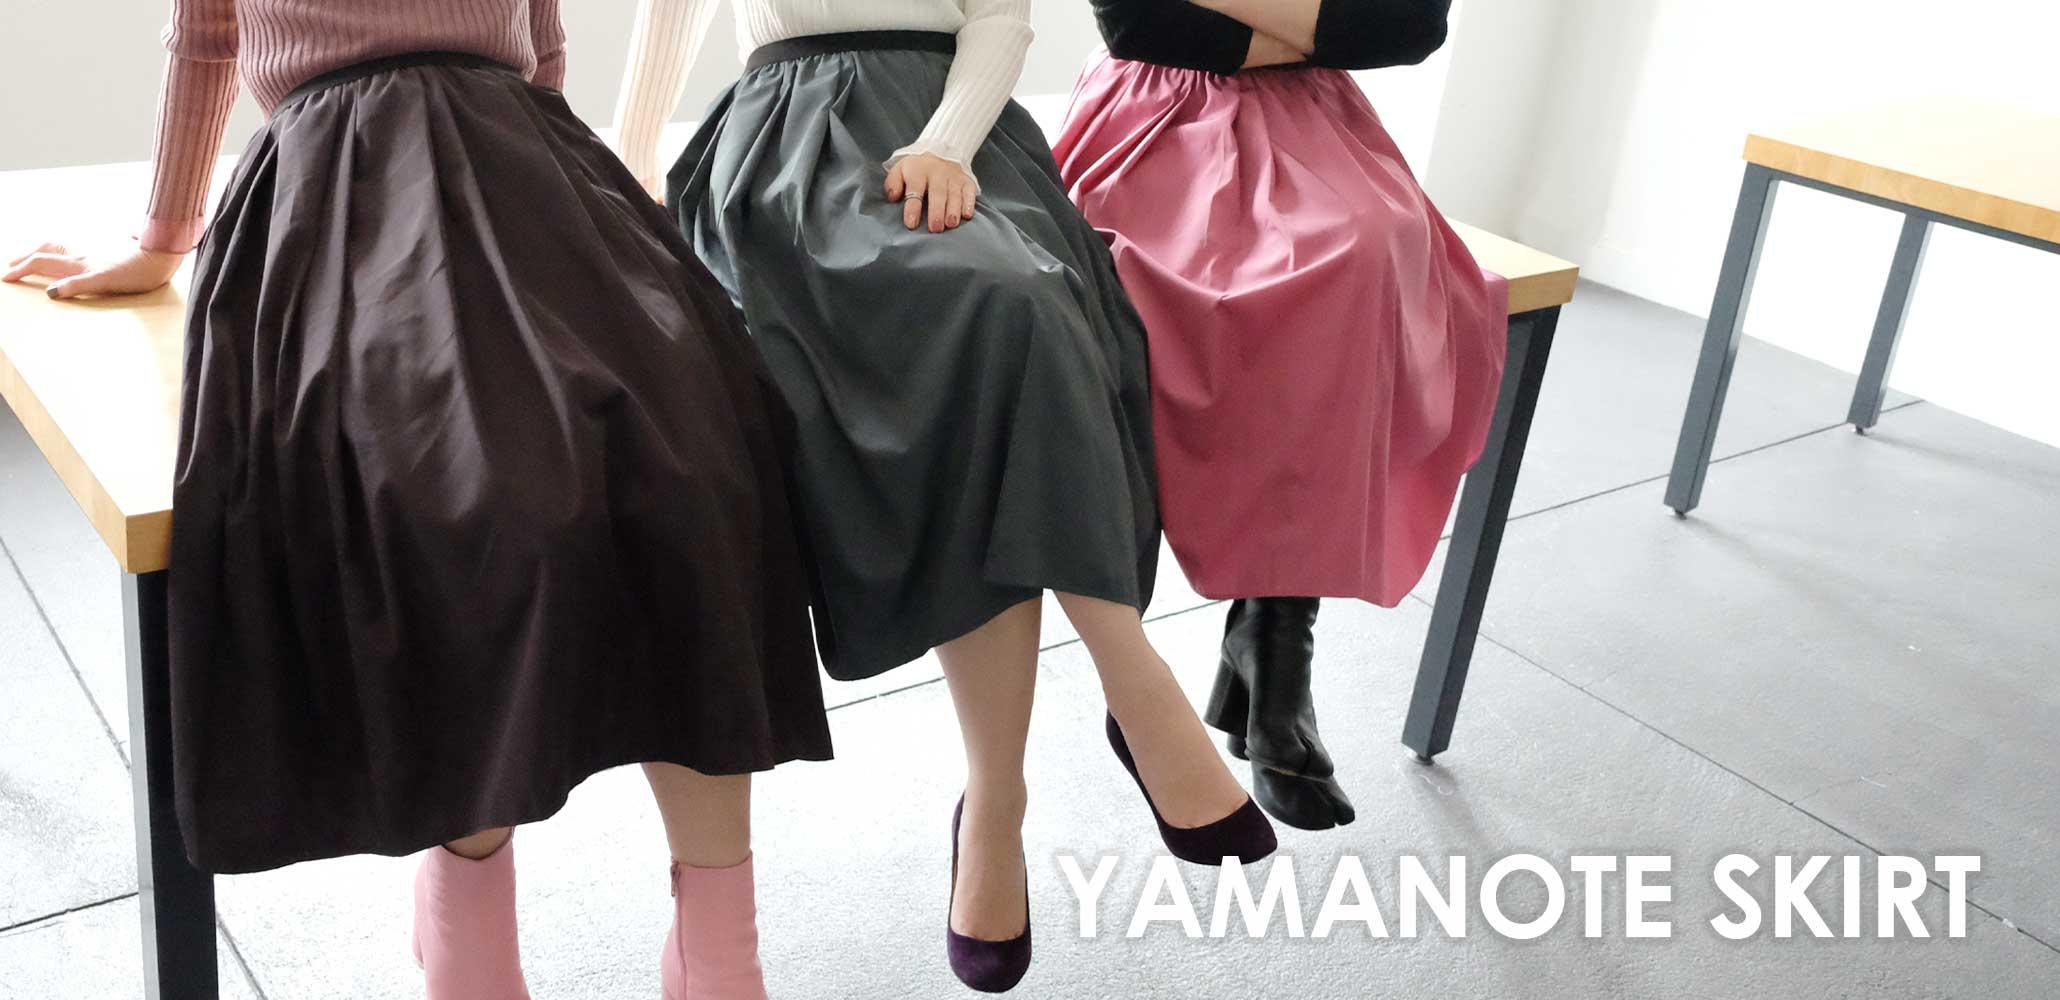 9月3日から神戸・山の手スカートに新色追加発売!